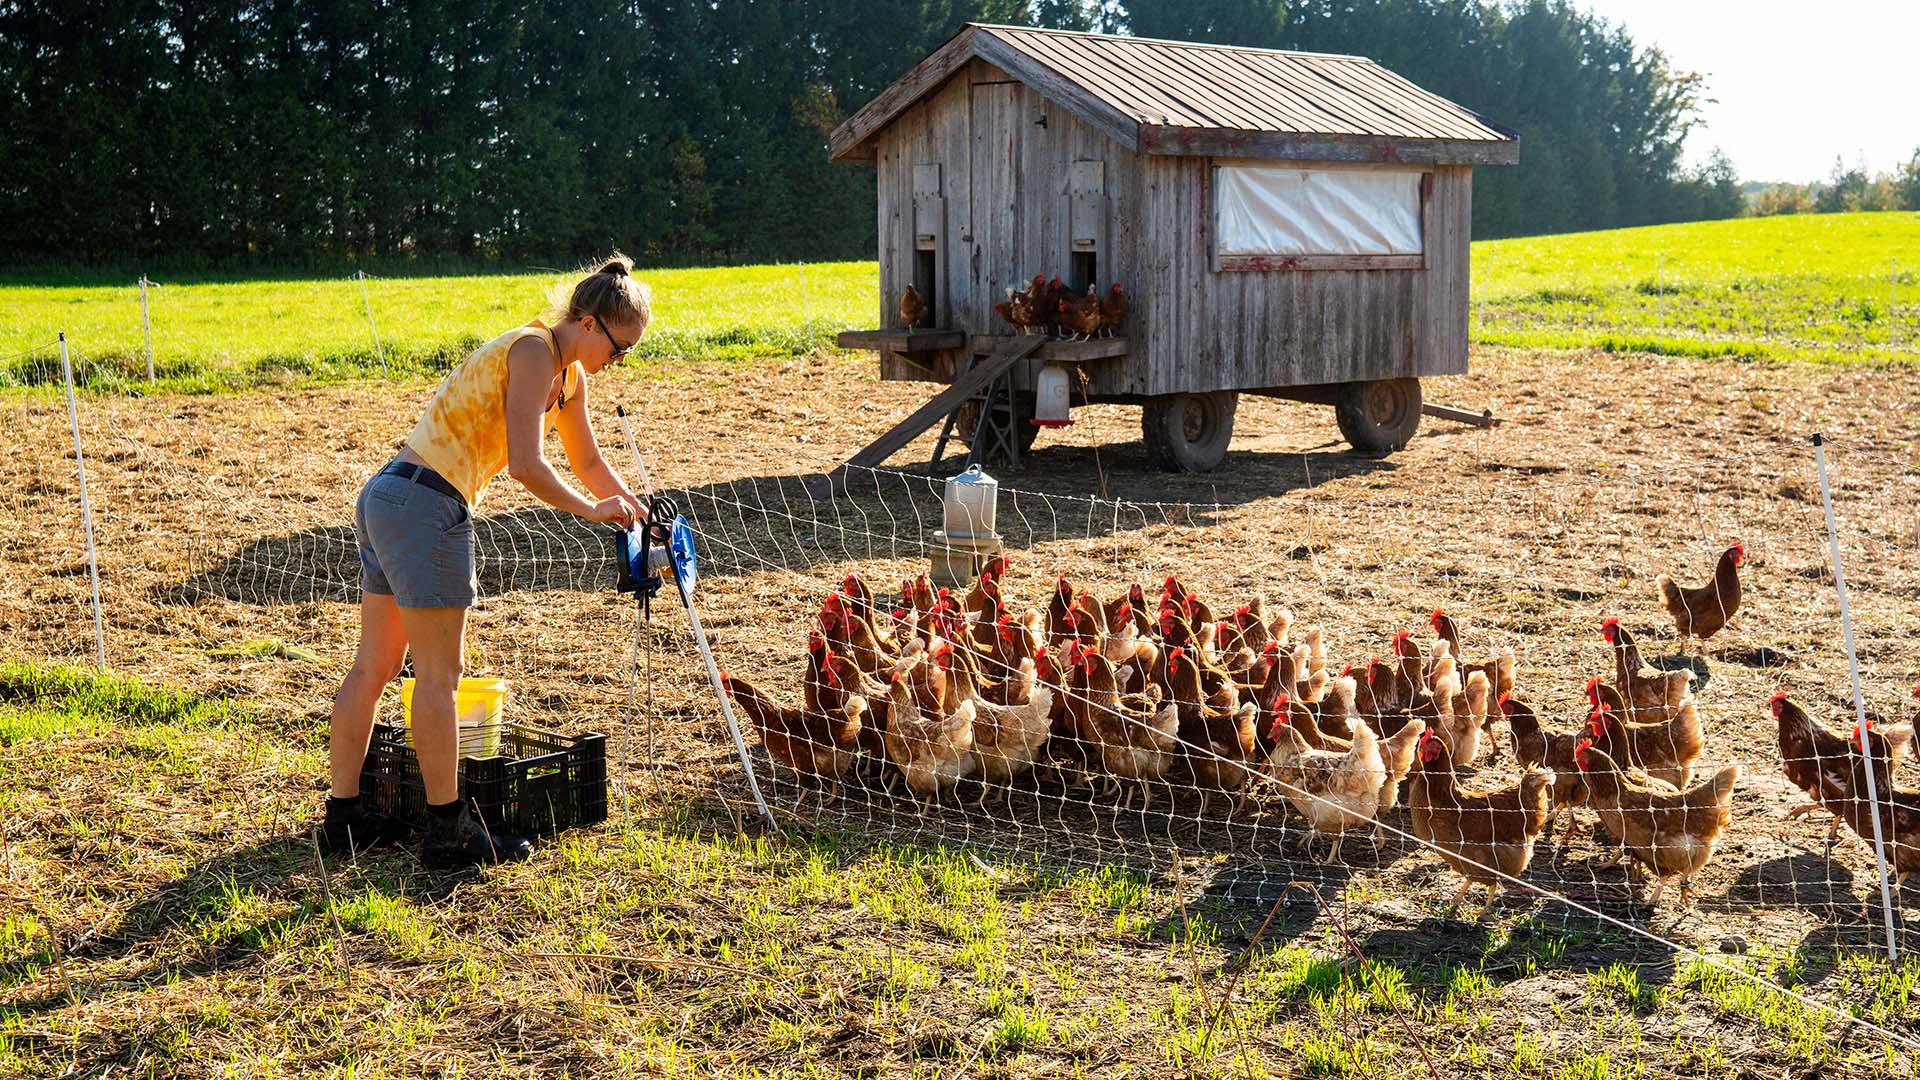 feeding chickens on the farm